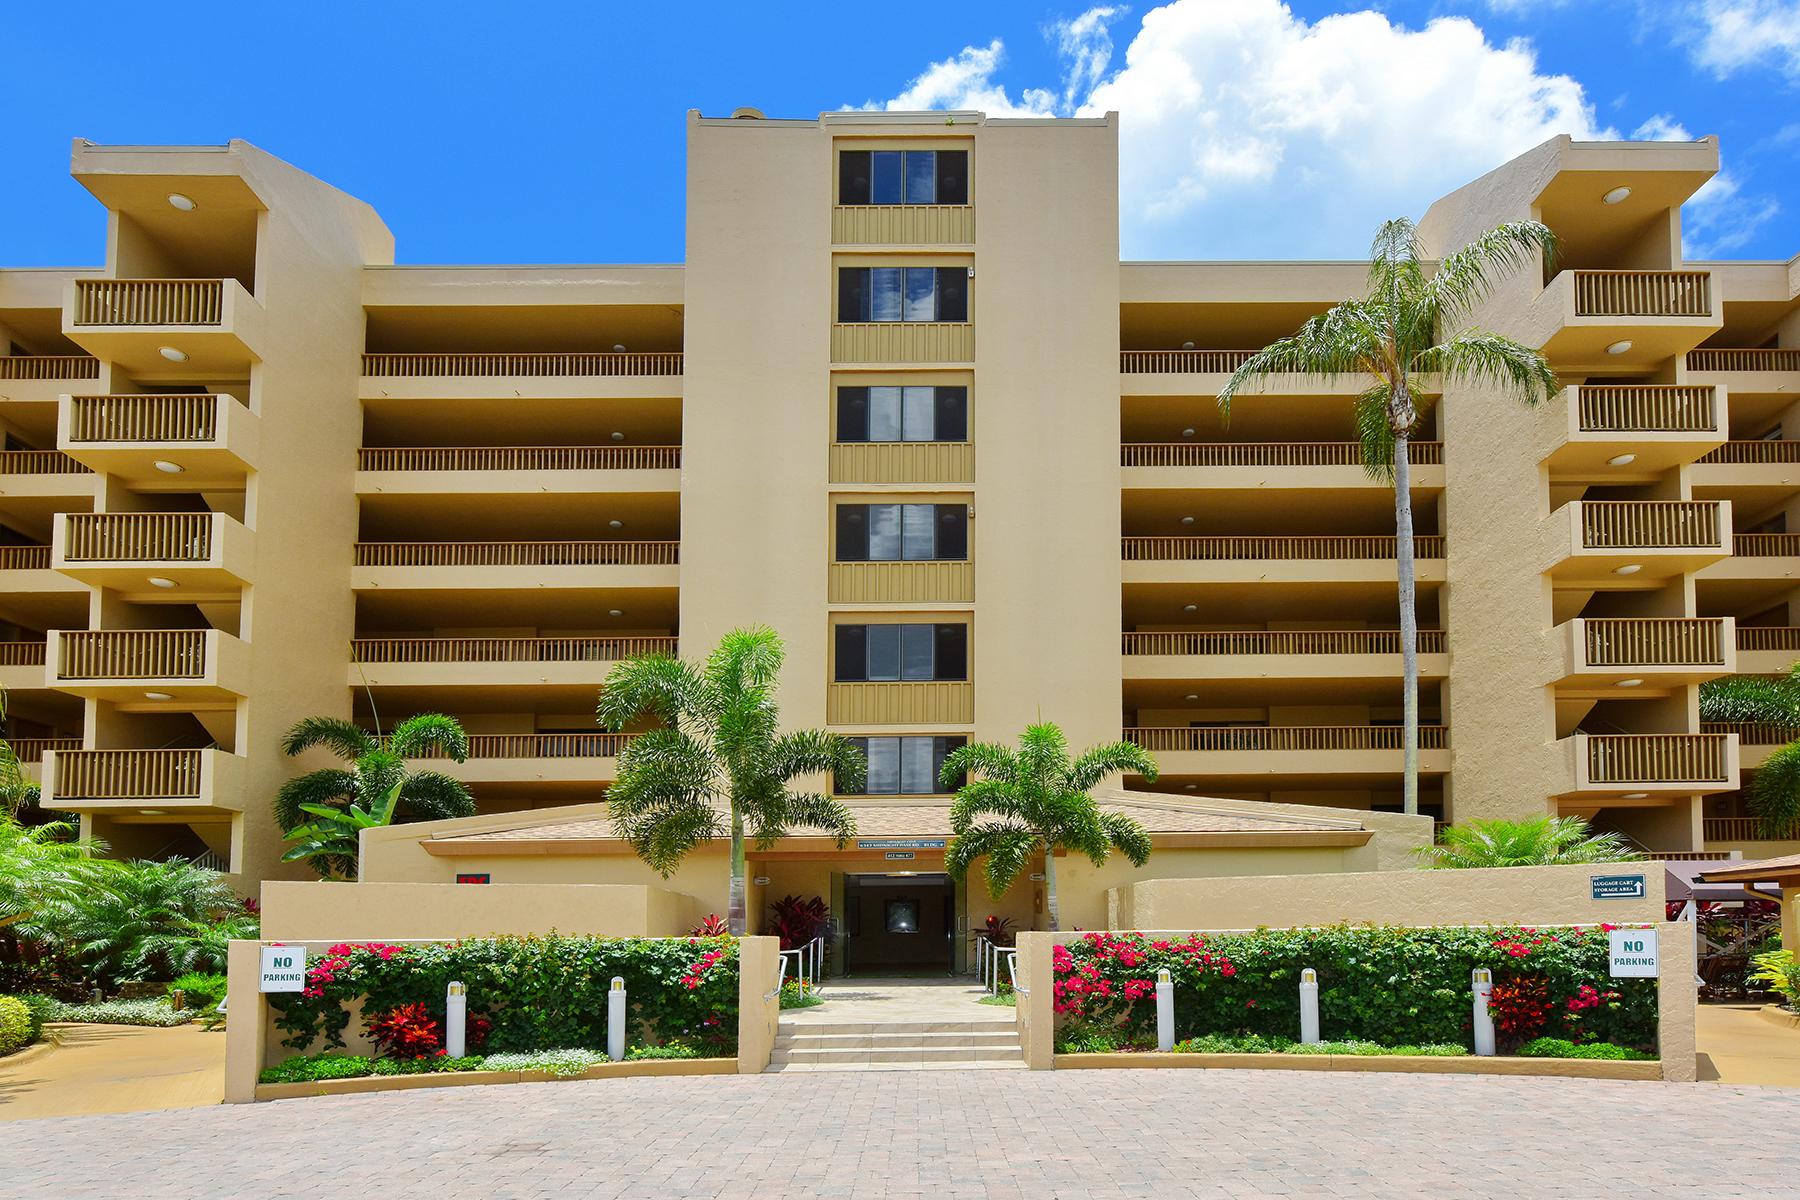 Кооперативная квартира для того Продажа на MIDNIGHT COVE 6342 Midnight Pass Rd 413 Sarasota, Флорида 34242 Соединенные Штаты